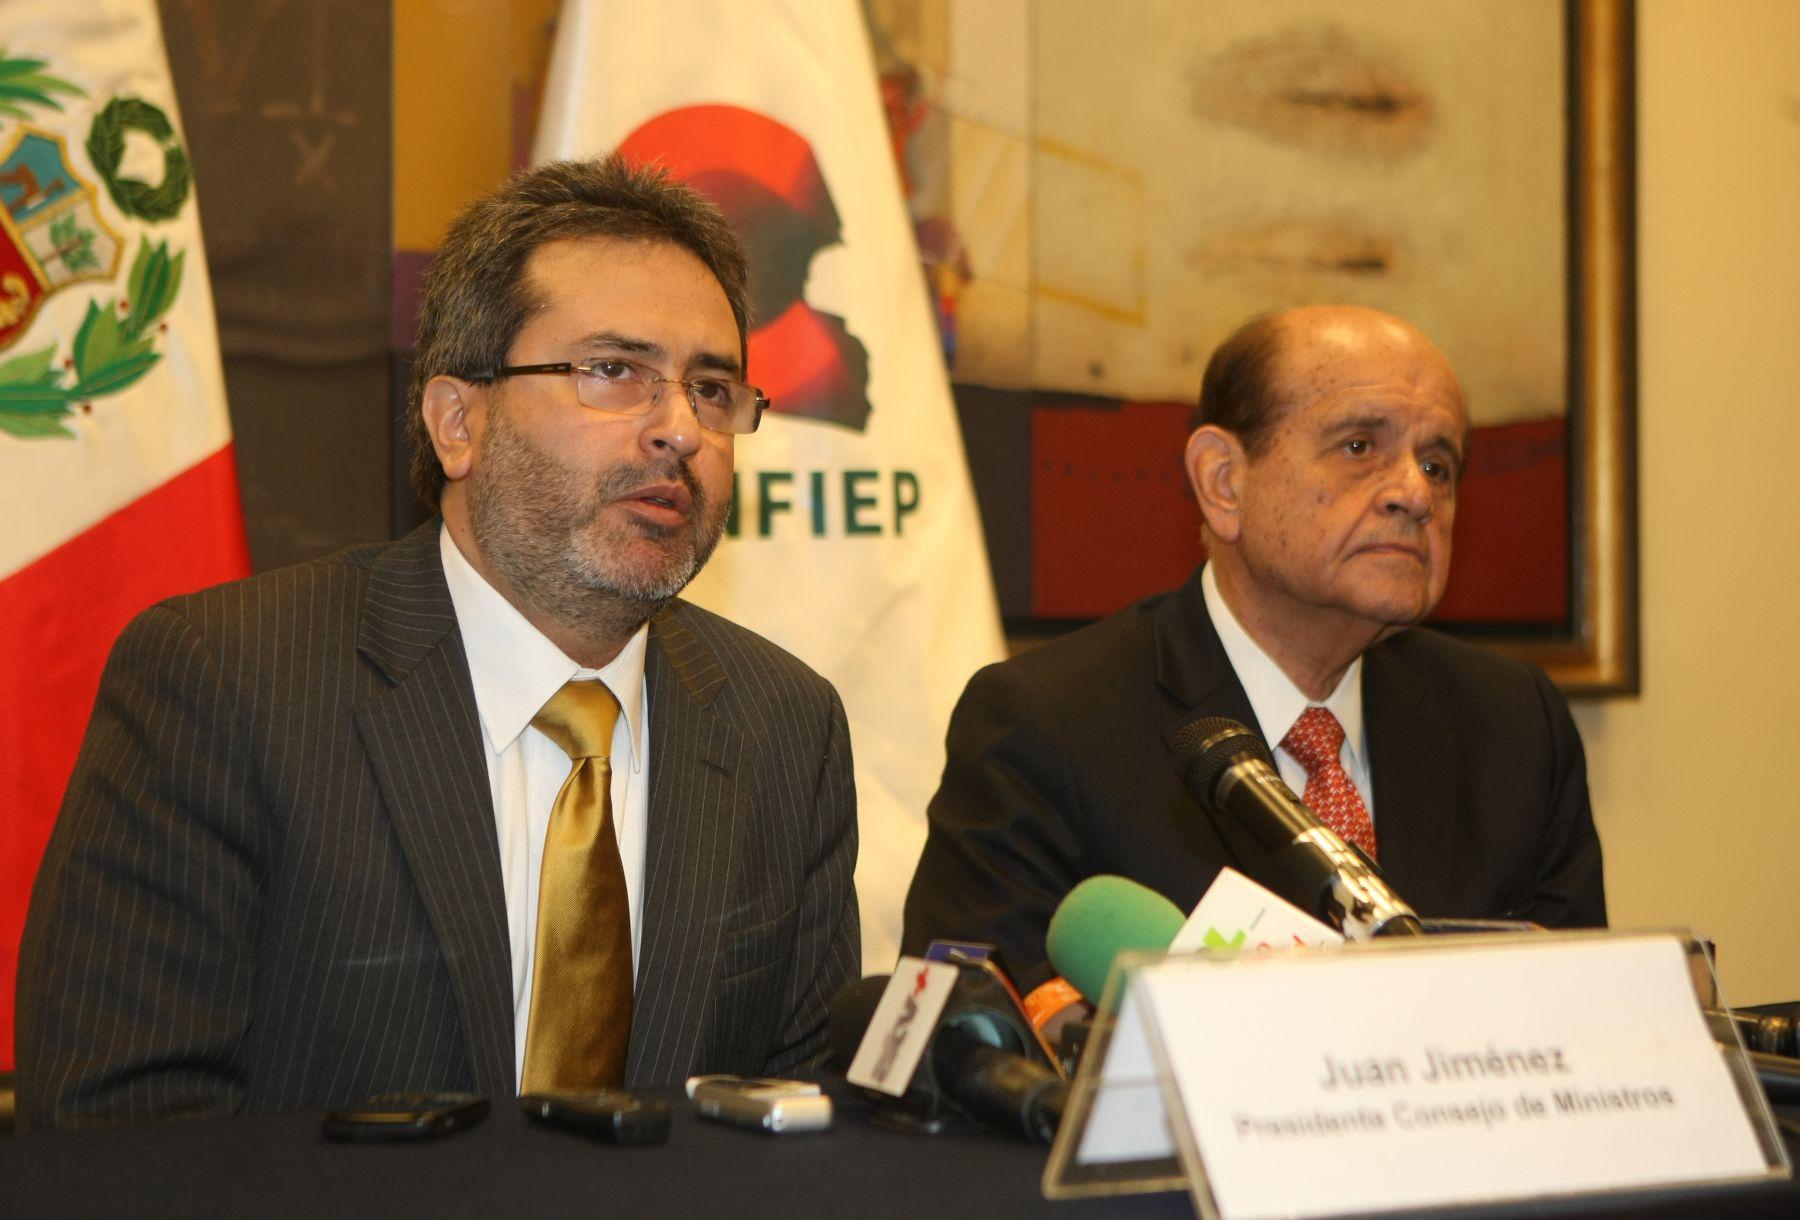 Presidente del Consejo de Ministros, Juan Jiménez, se reunió con titular de la Confiep, Humberto Speziani. Foto: ANDINA/Vidal Tarqui.